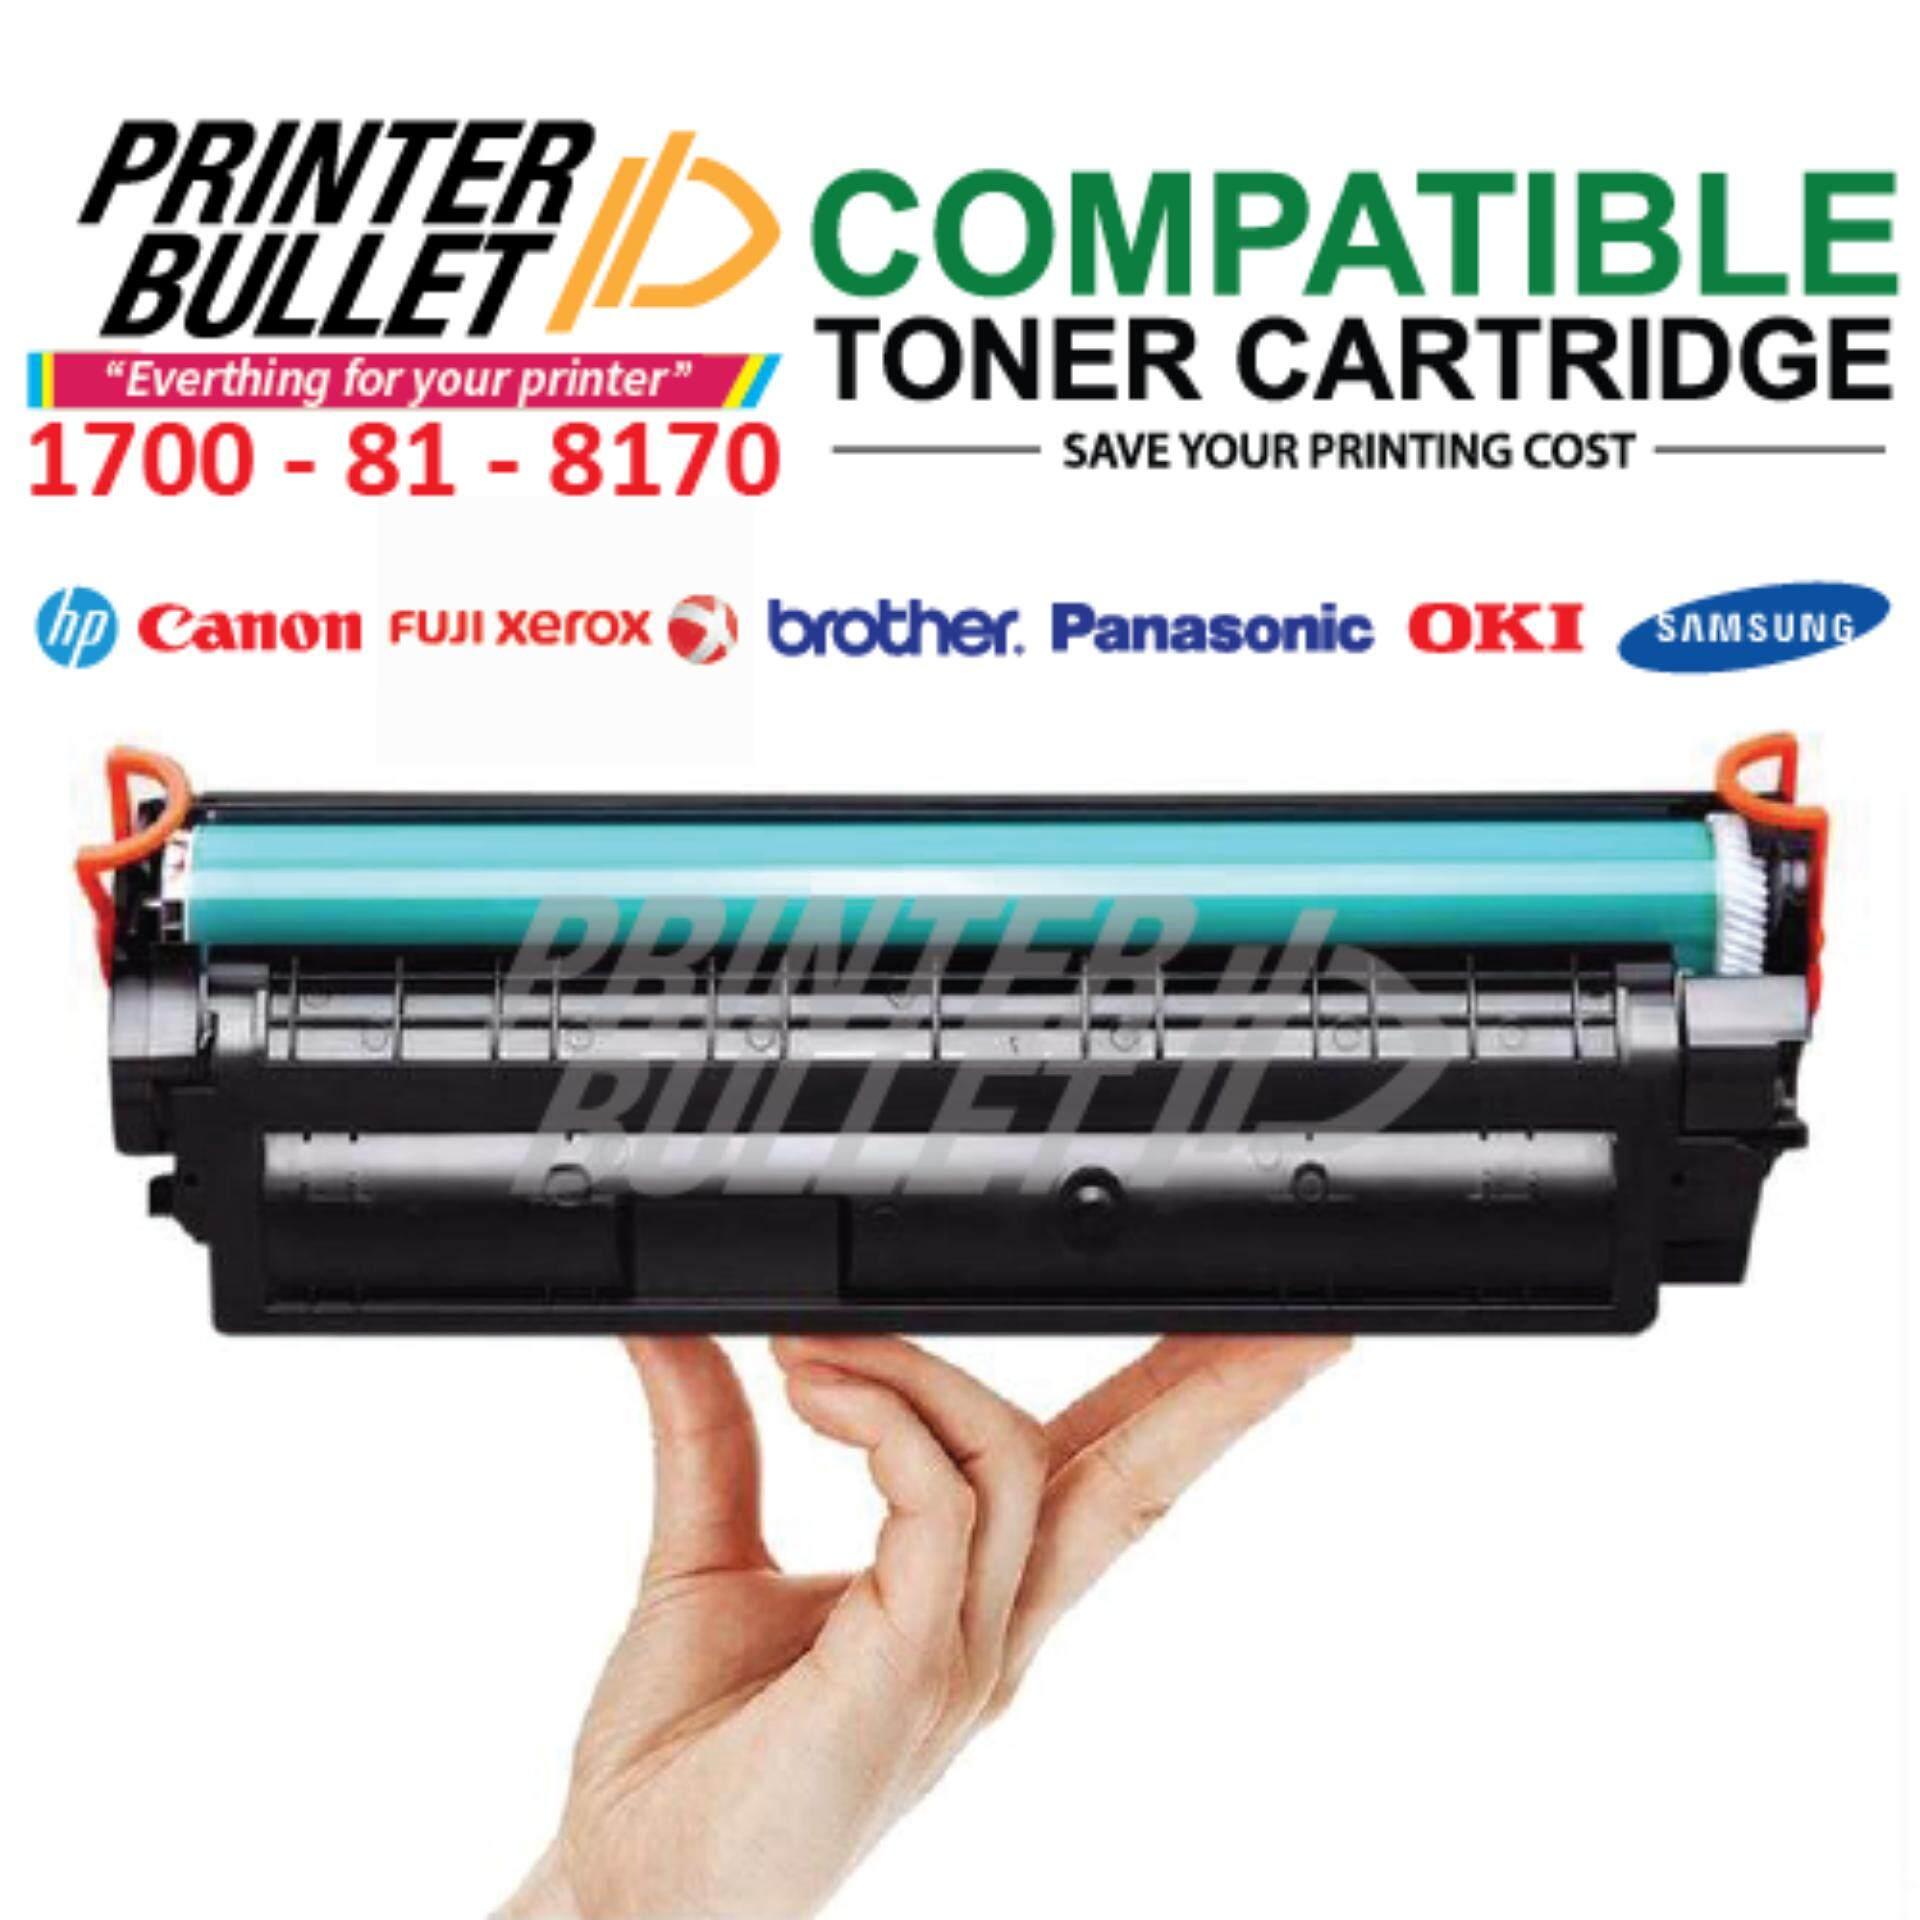 2 unit Dell B1160 / B1160w / B1163 / B1163w / B1165 / B1165nfw Compatible Laser Toner Cartridge